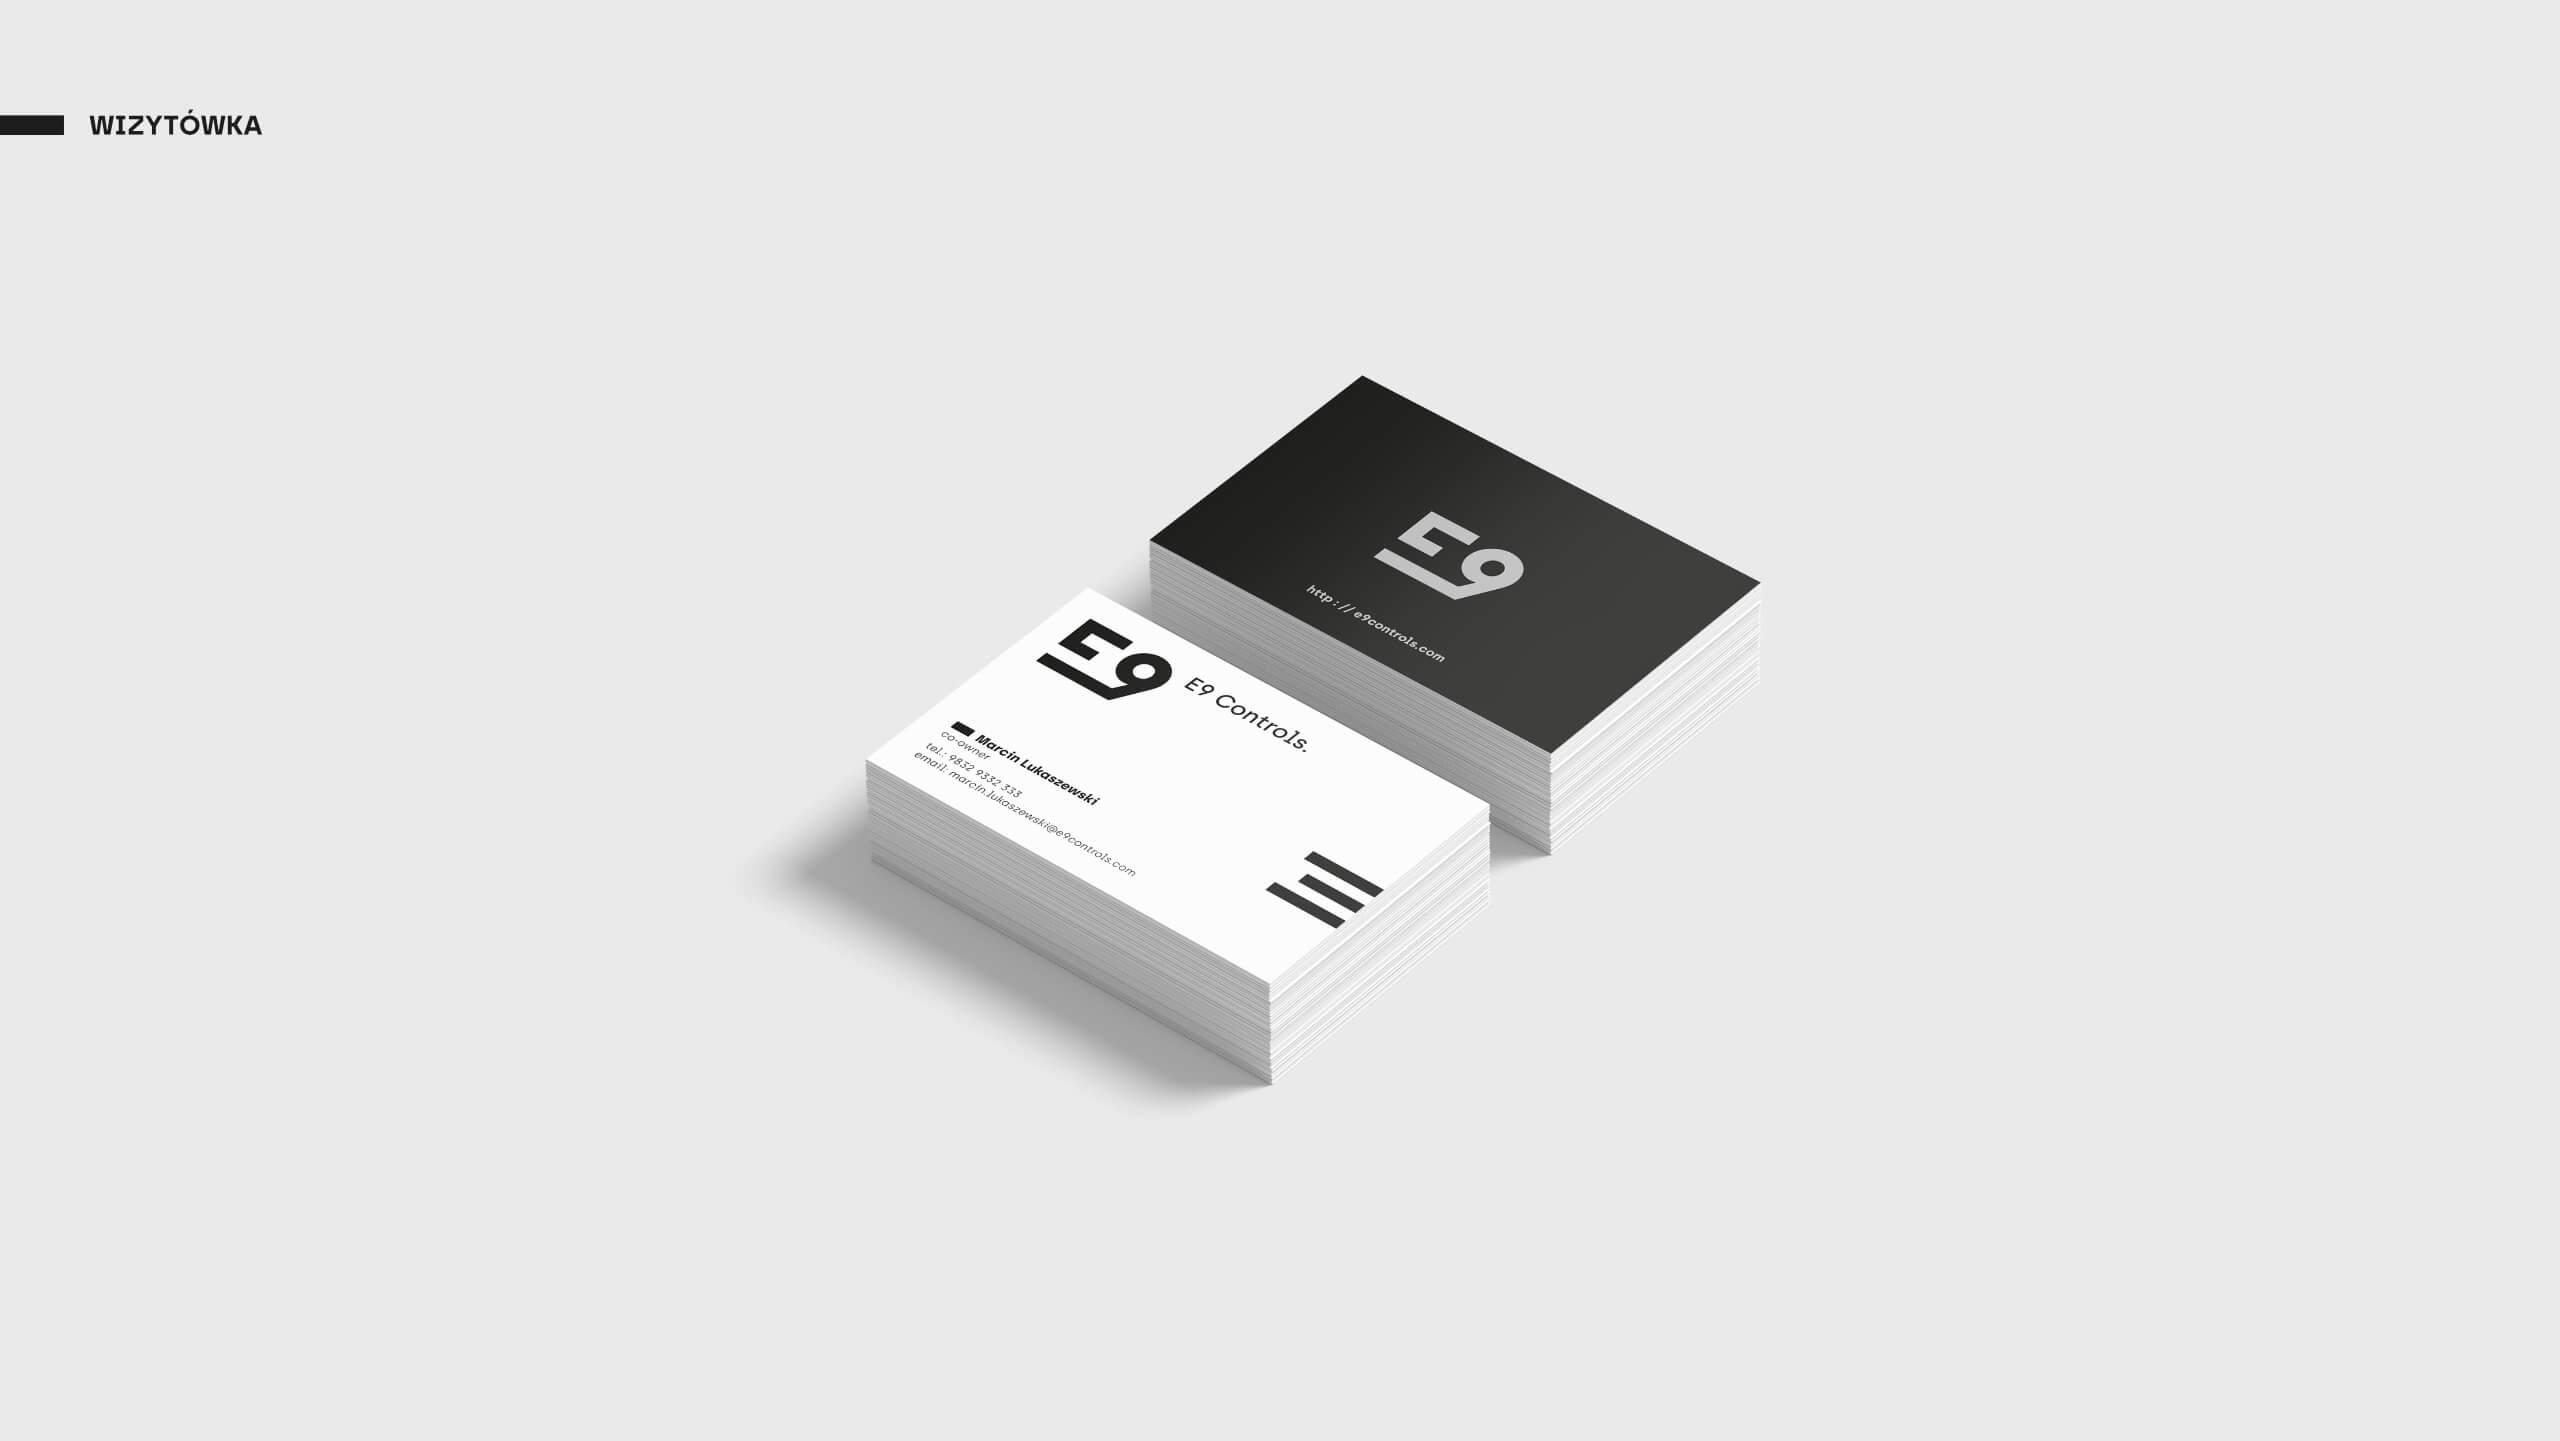 E9 Controls - Projekt wizytówki